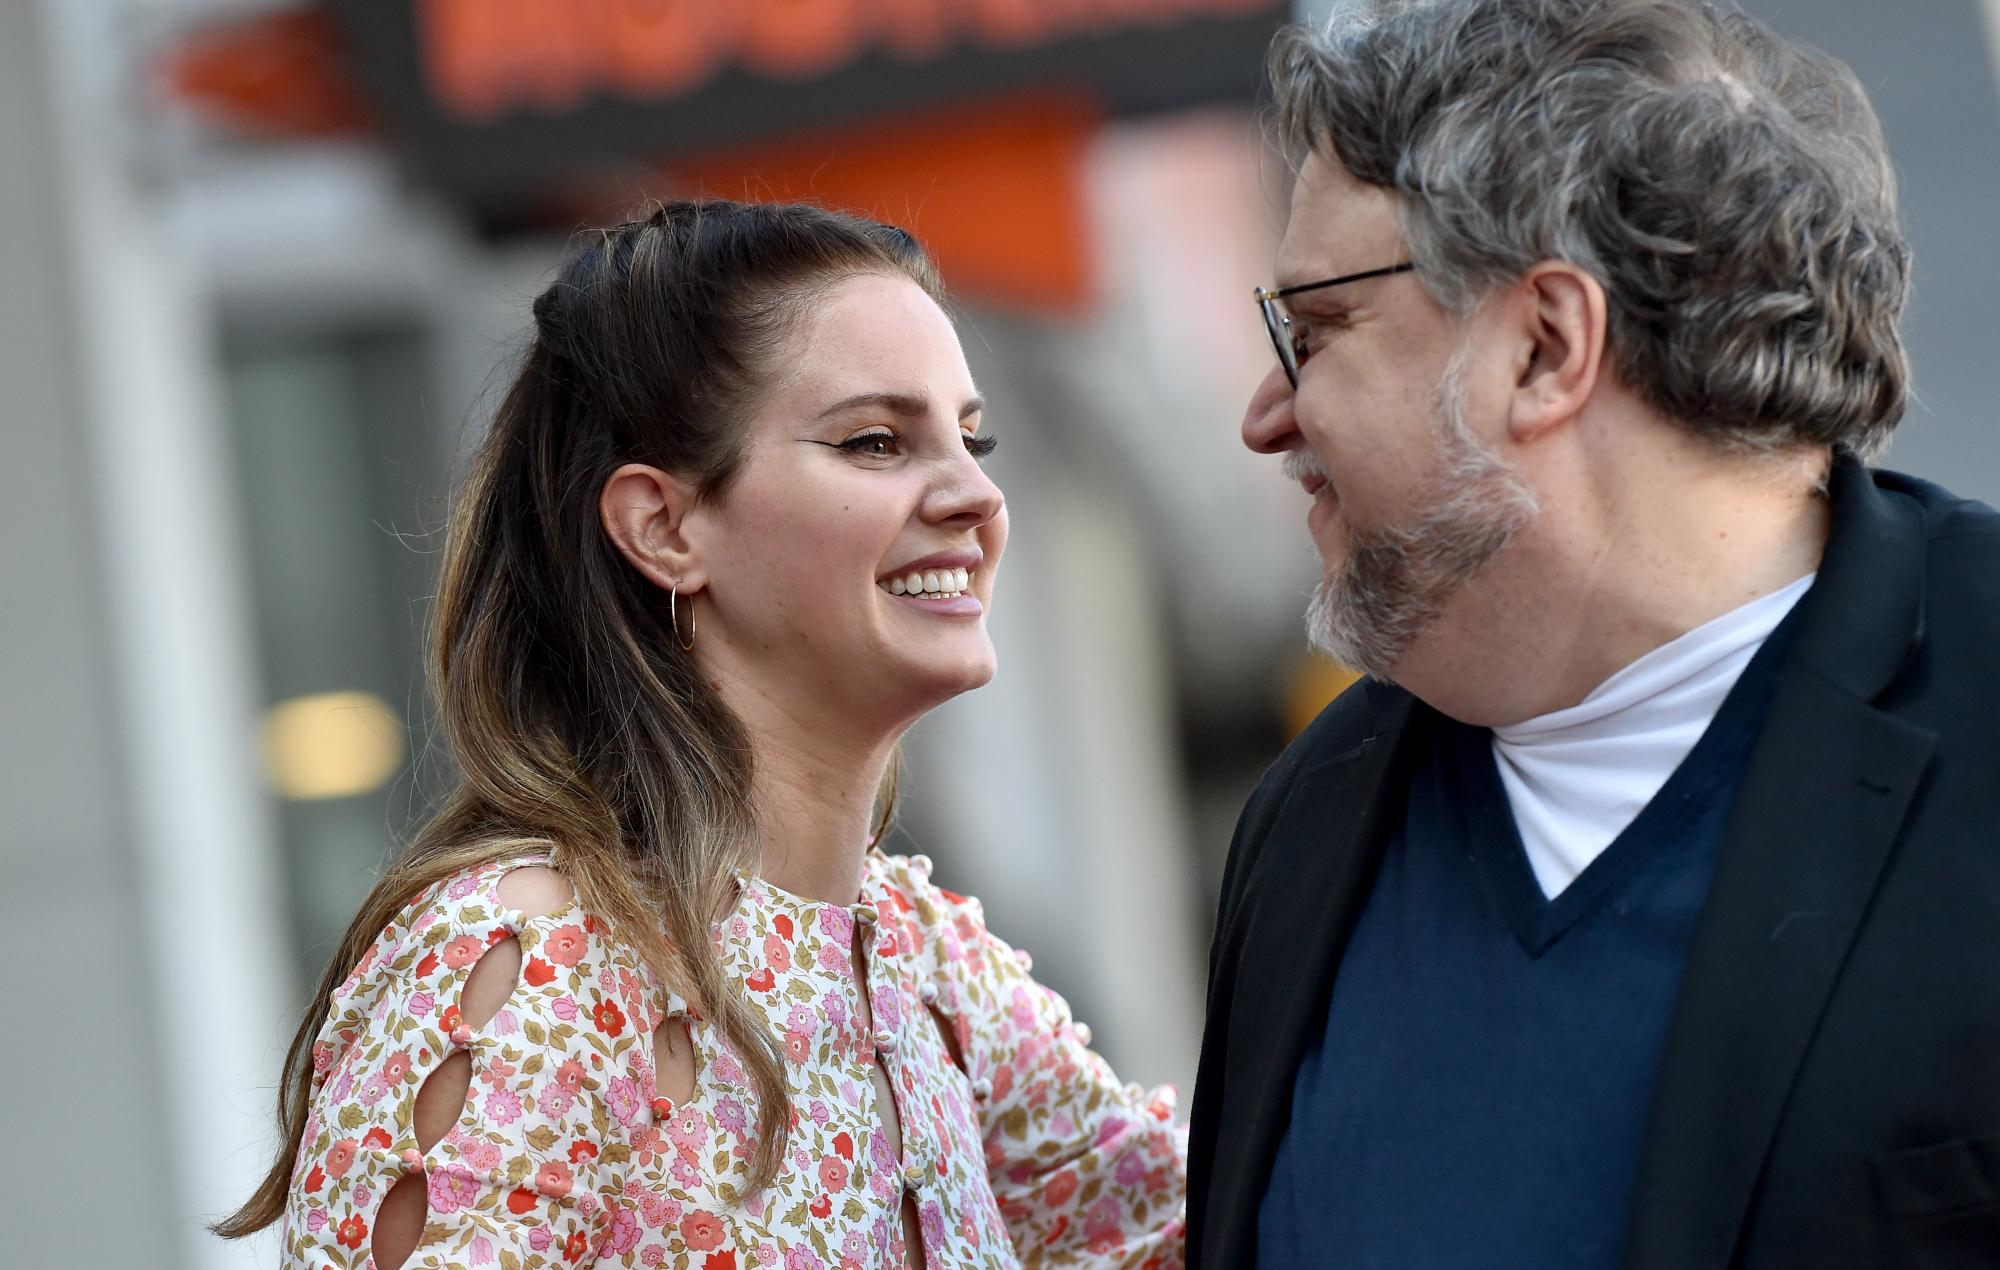 Lana Del Rey, Guillermo Del Toro